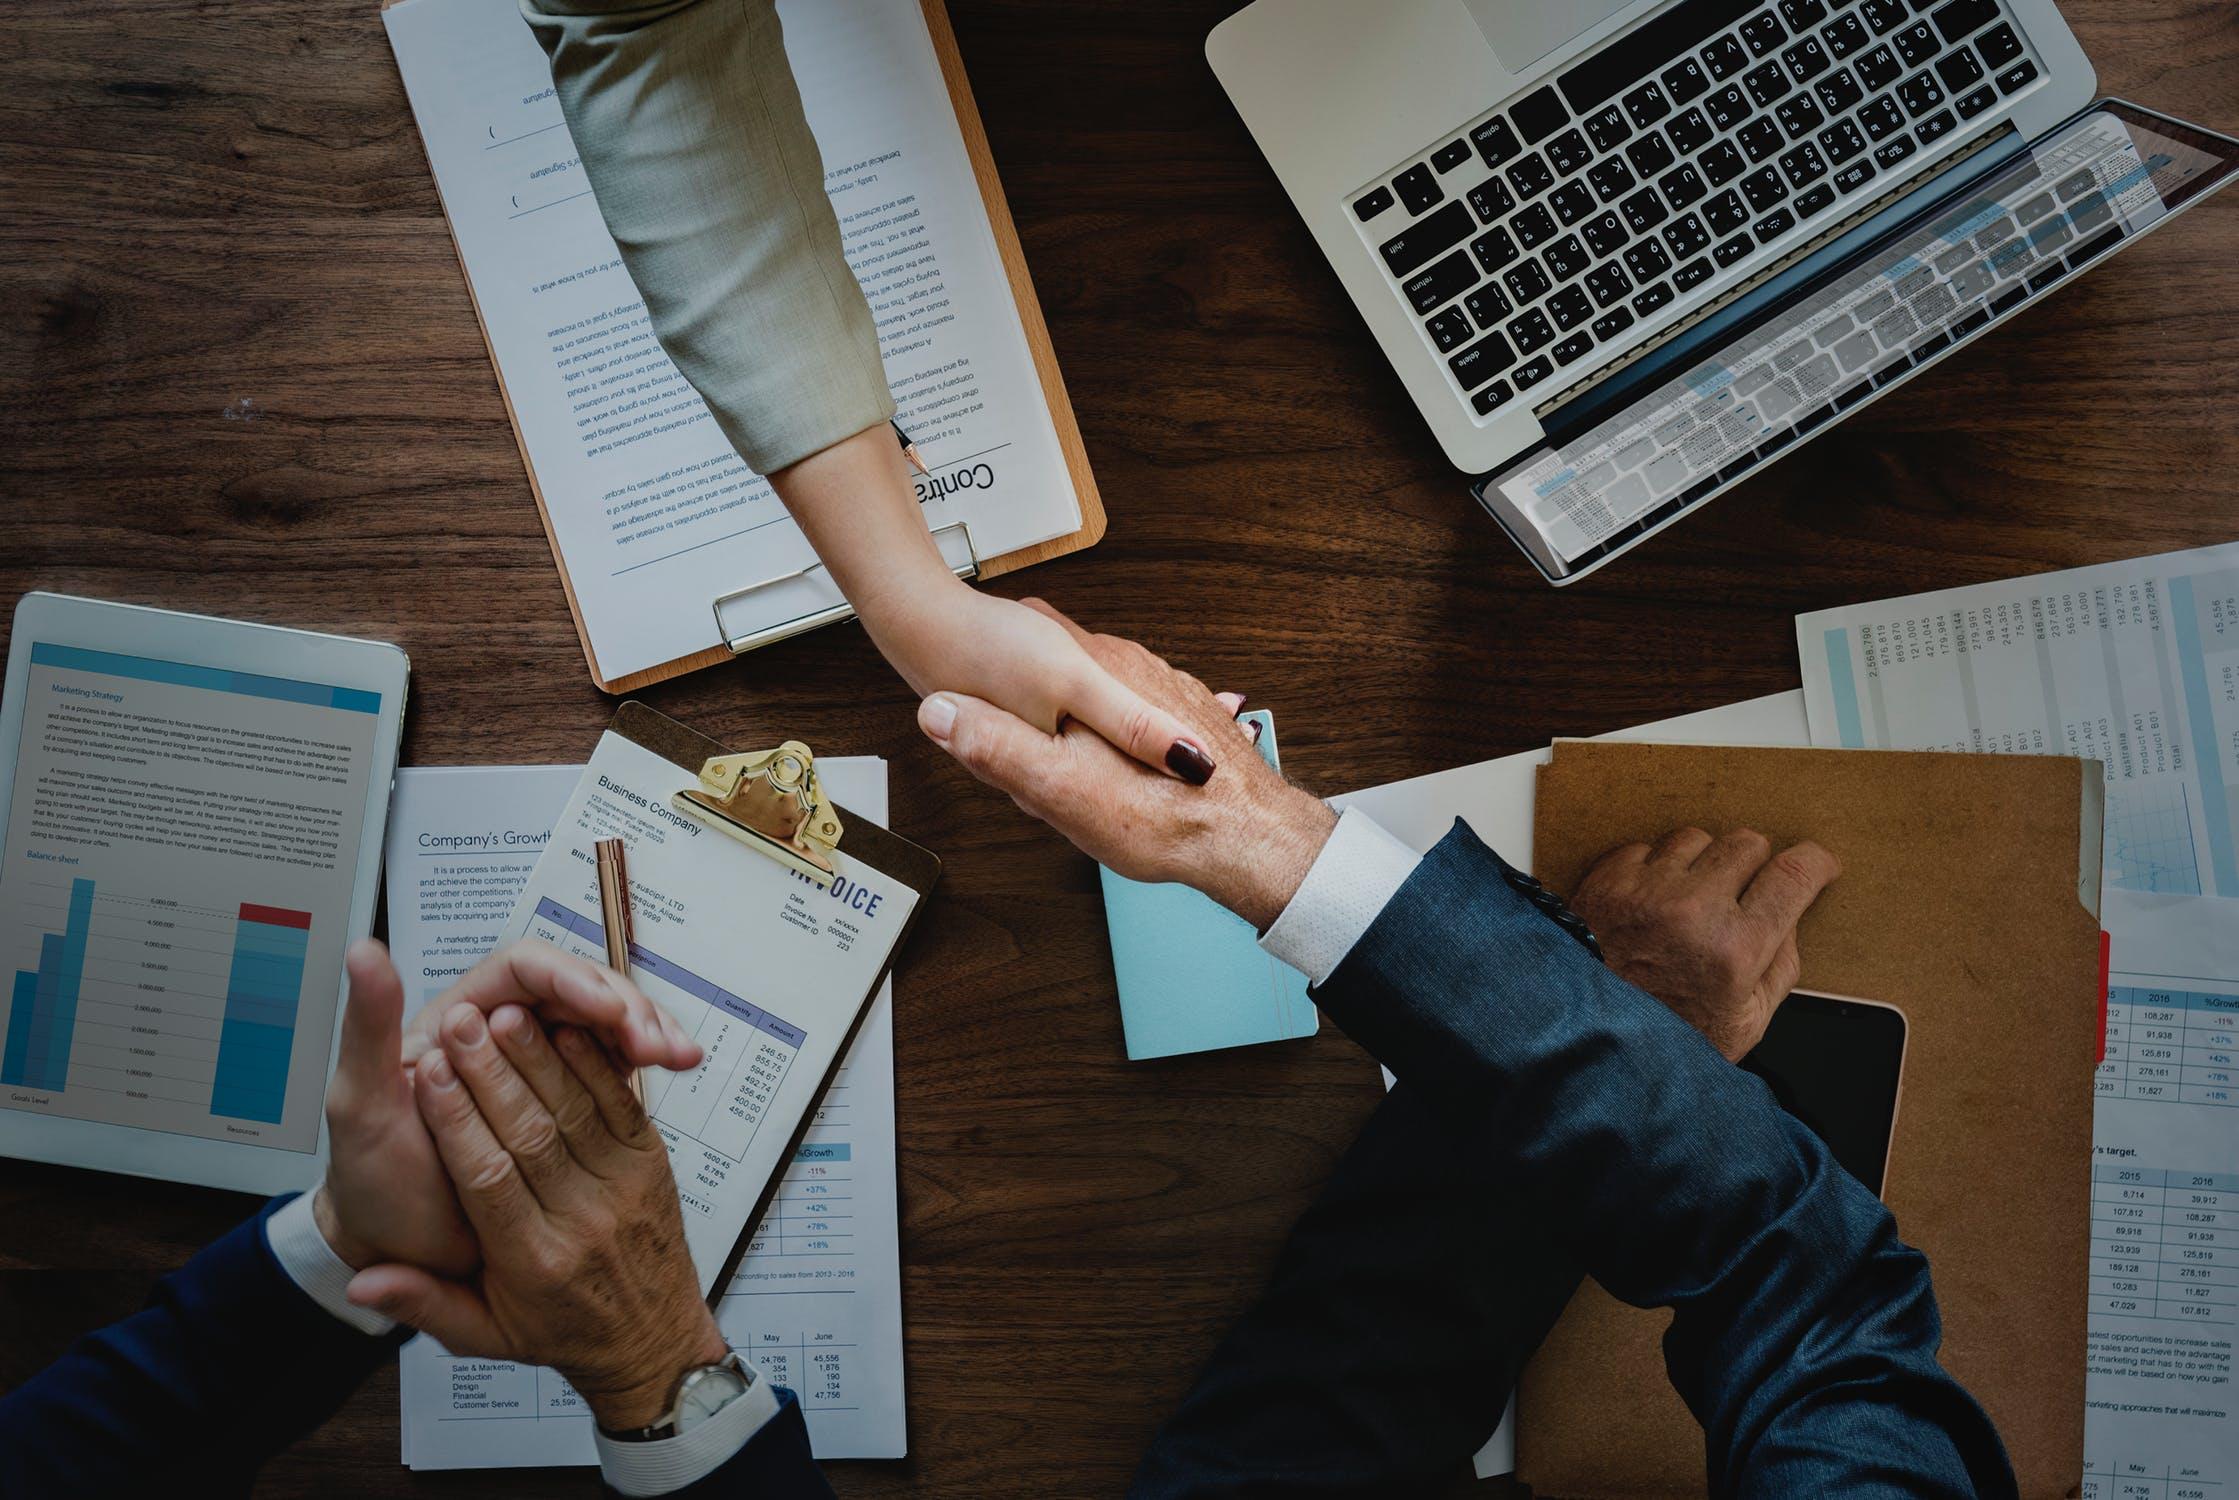 כתיבת עבודות אקדמיות במנהל עסקים